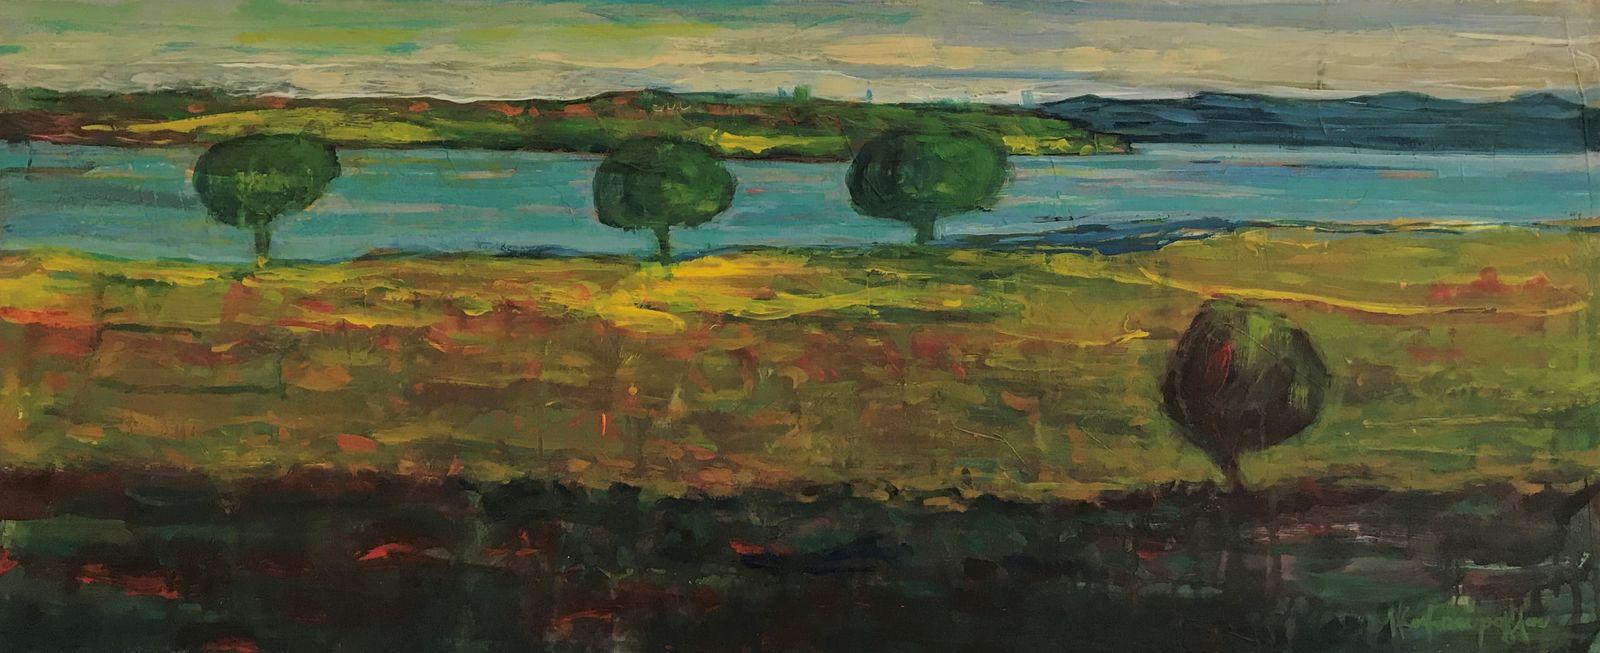 Λεωνίδας Καμπούρογλου 30×70 εκ. Ακρυλικά σε καμβά Leonidas Kambouroglou 30×70 cm Acrylics on canvas